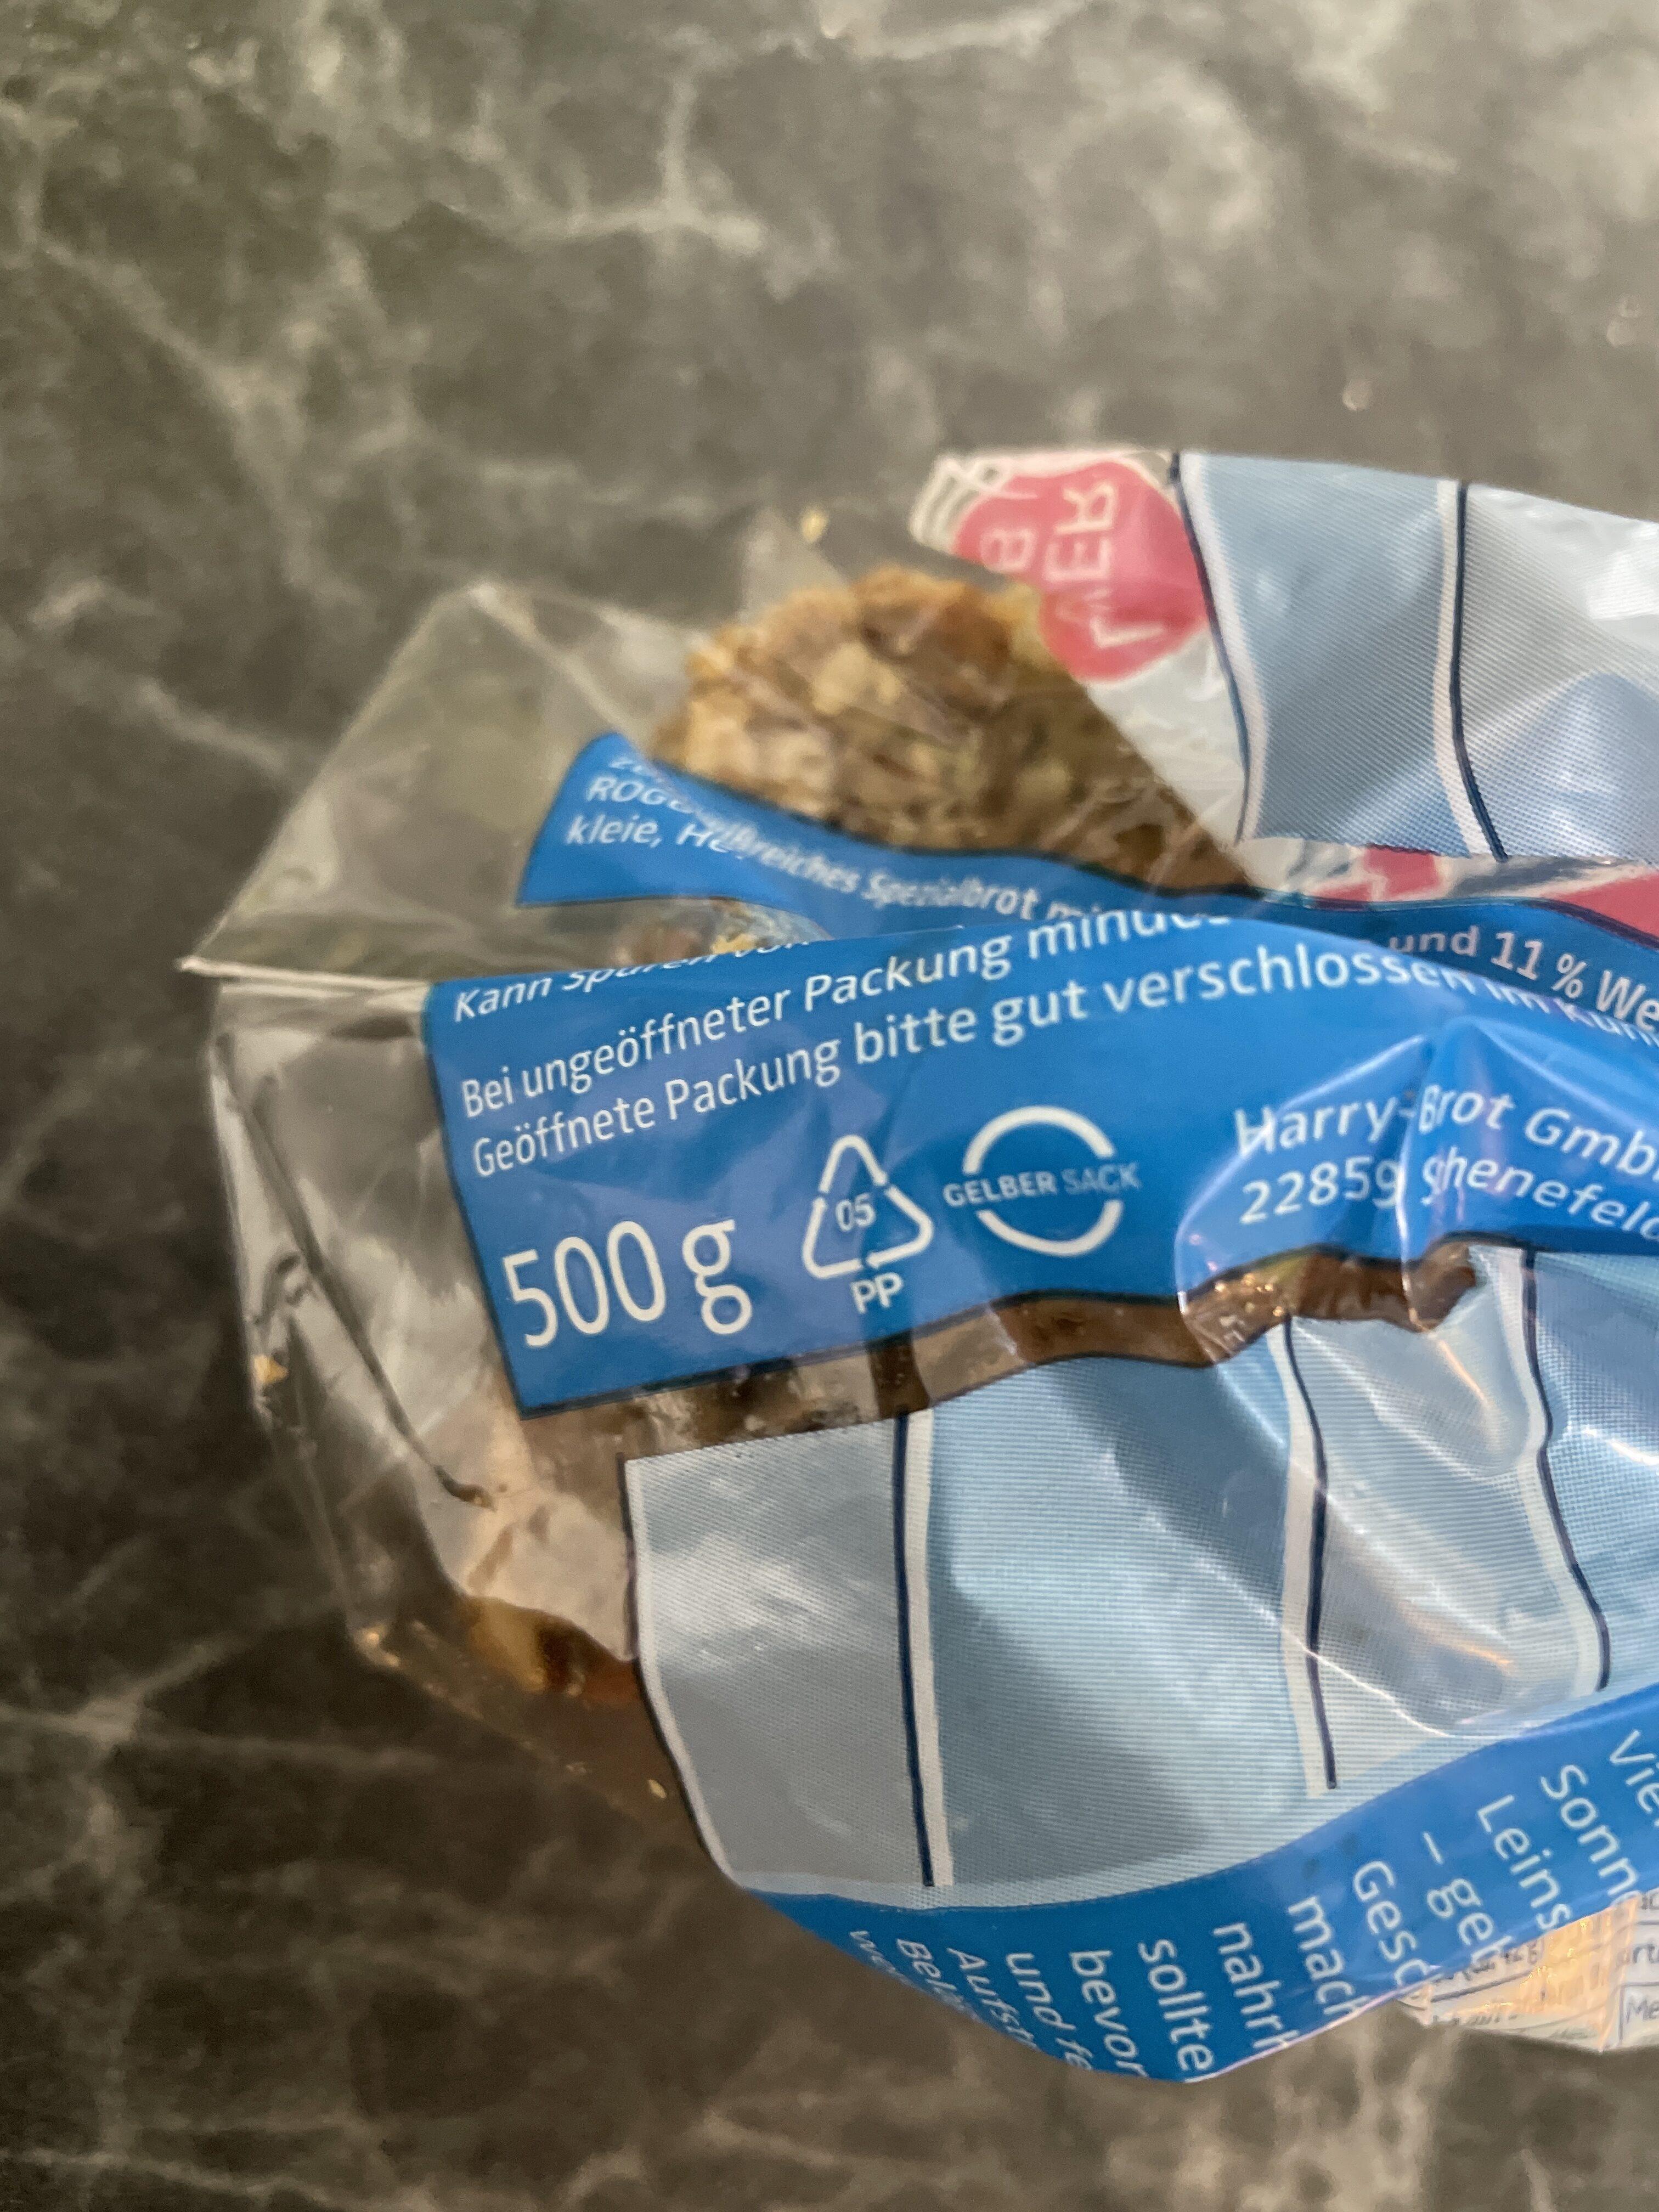 Harry Eiweiß-Brot - Istruzioni per il riciclaggio e/o informazioni sull'imballaggio - de